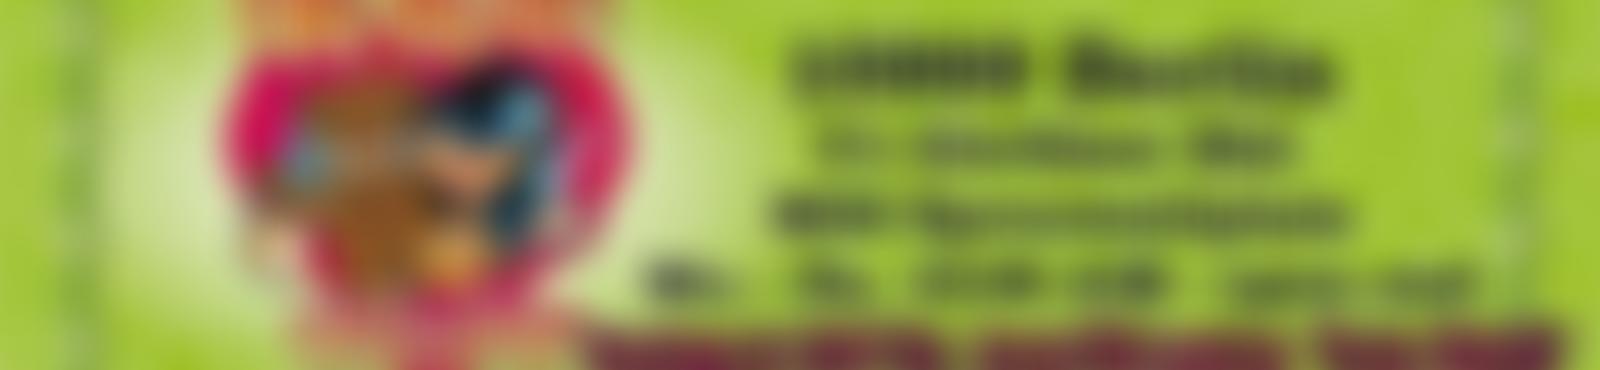 Blurred 1459112 532704616820298 1154034156 n